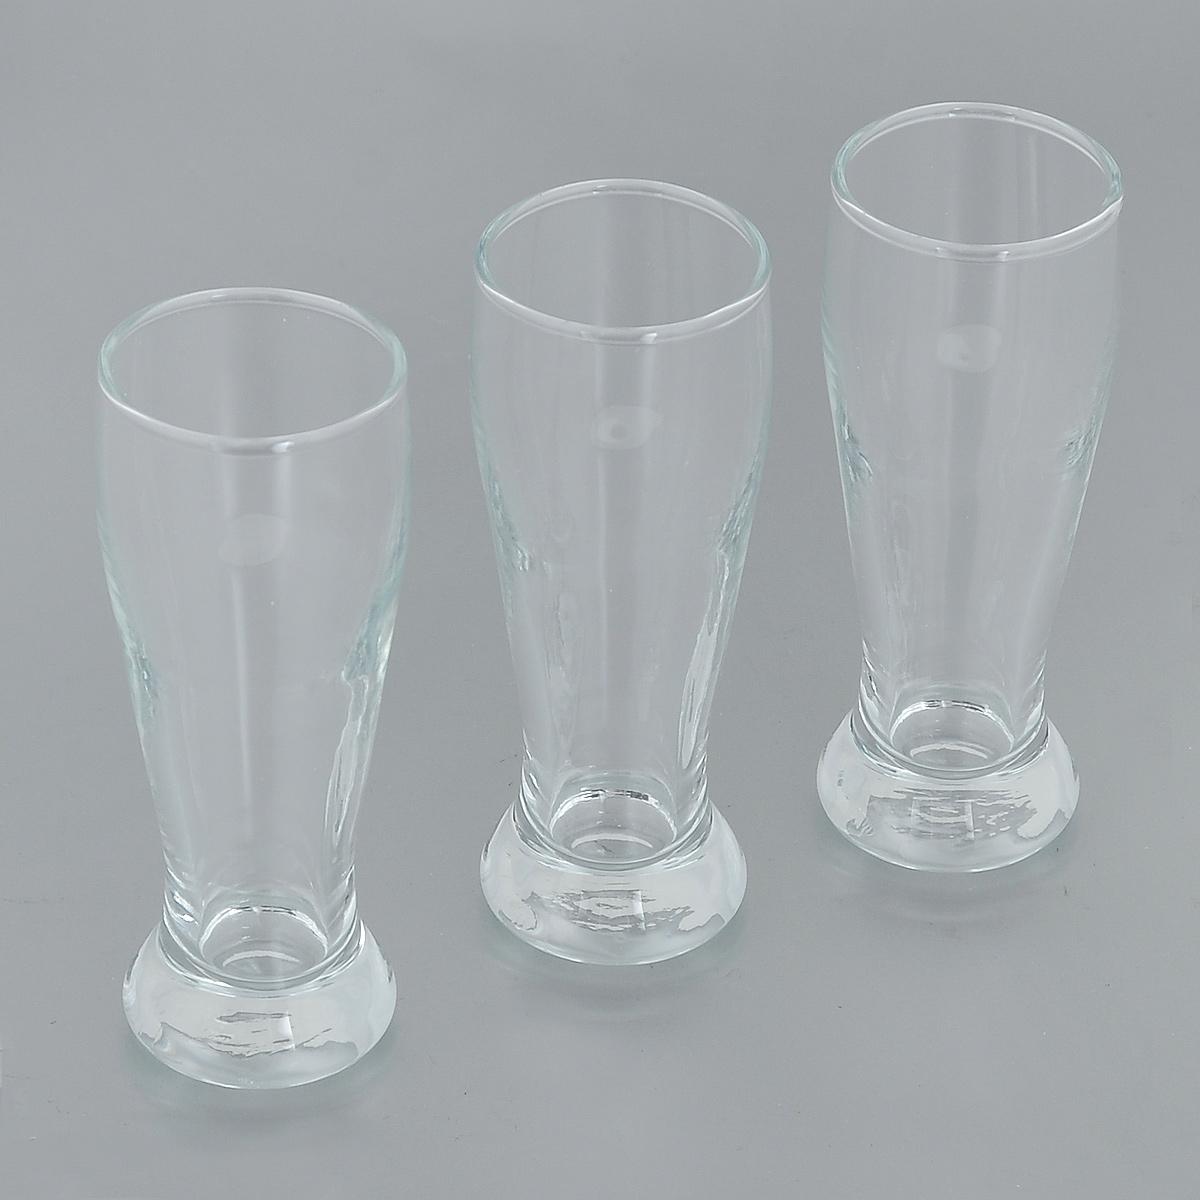 Набор рюмок Pasabahce Pub, 60 мл, 3 шт42234BНабор Pasabahce Pub состоит из трех рюмок, изготовленных из прочного натрий-кальций-силикатного стекла. Изделия, предназначенные для подачи водки и других спиртных напитков, несомненно придутся вам по душе. Рюмки сочетают в себе элегантный дизайн и функциональность. Благодаря такому набору пить напитки будет еще вкуснее. Набор рюмок Pasabahce Pub идеально подойдет для сервировки стола и станет отличным подарком к любому празднику. Можно мыть в посудомоечной машине и использовать в микроволновой печи. Диаметр рюмки по верхнему краю: 4 см. Высота рюмки: 10,5 см.